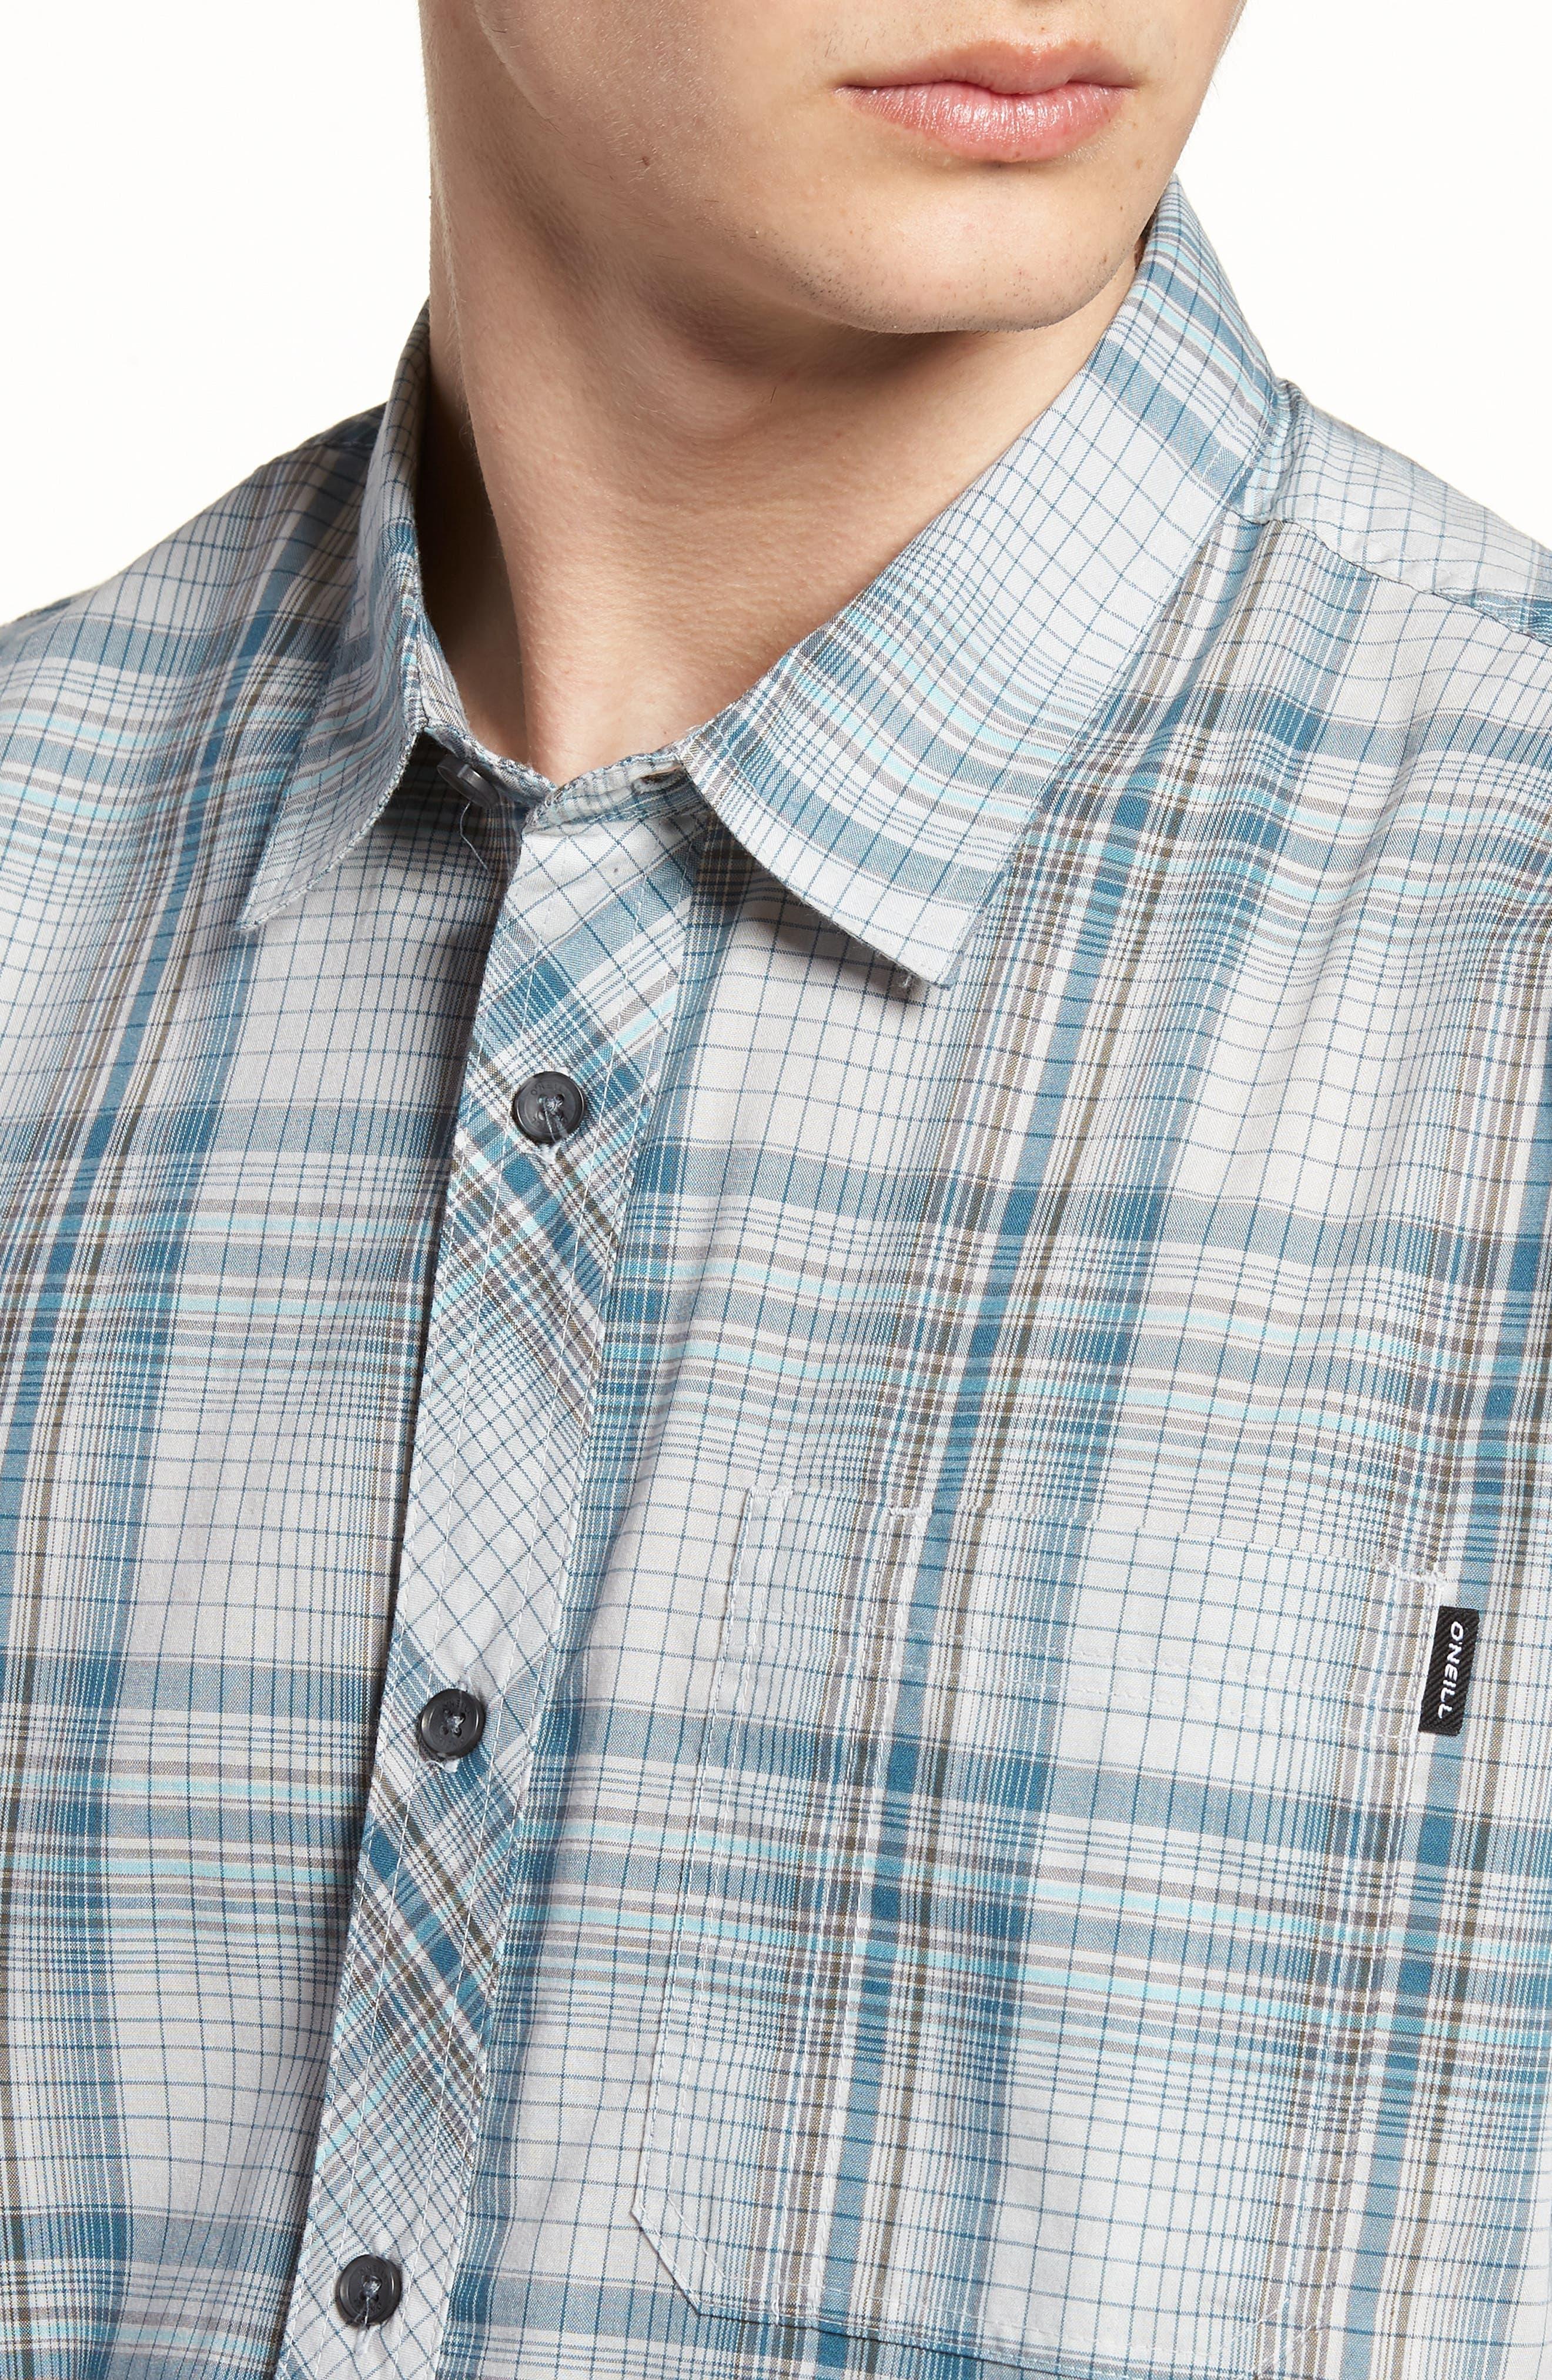 Gentry Short Sleeve Shirt,                             Alternate thumbnail 2, color,                             White